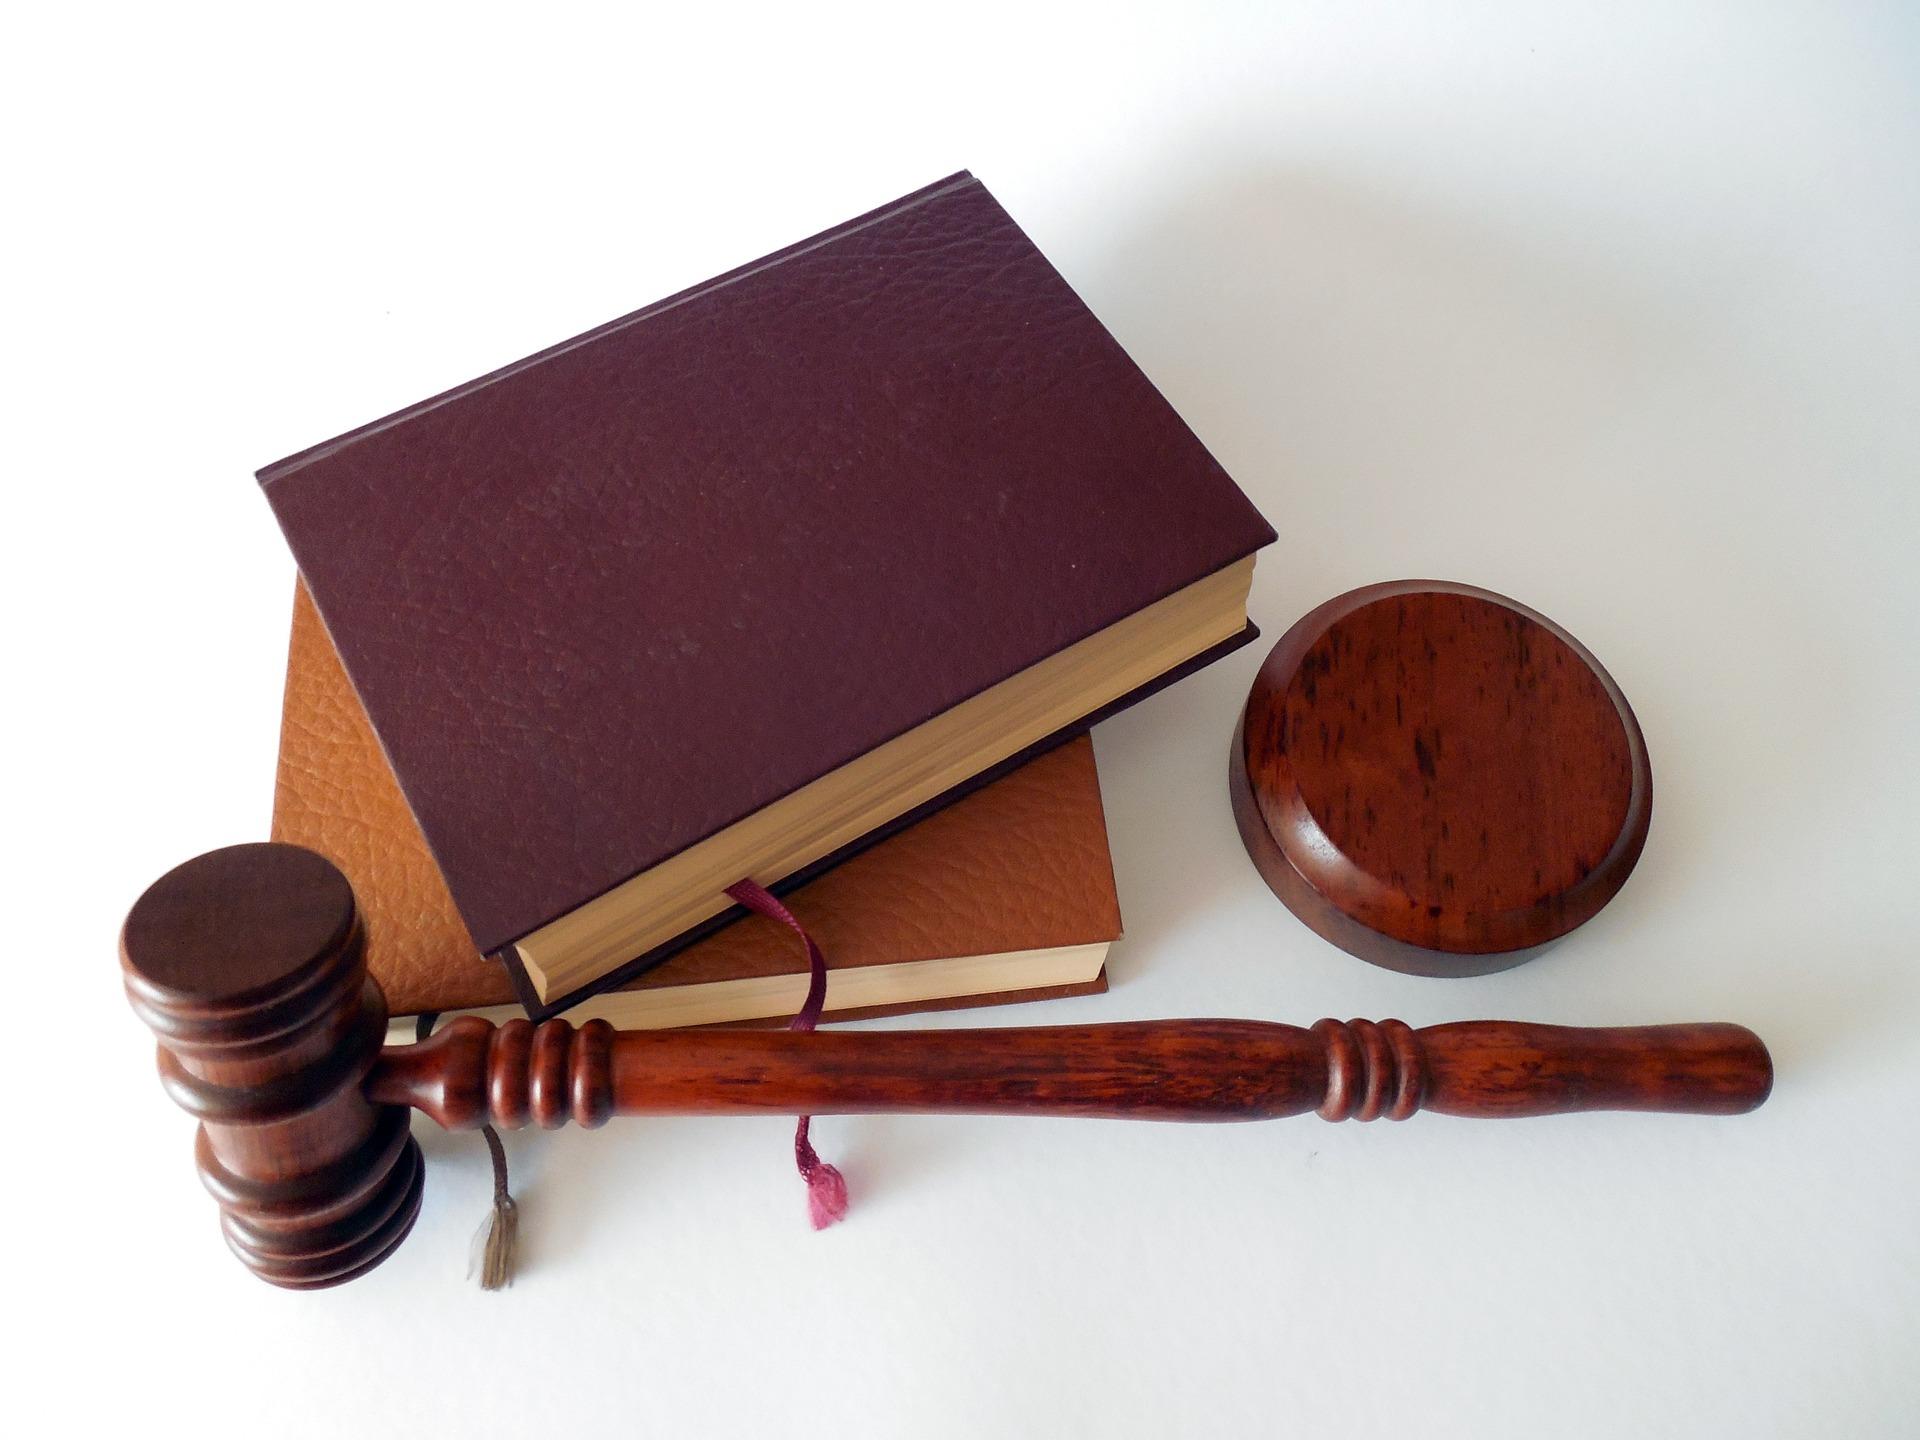 男性弁護士との恋愛を有利に進める4つのテクニック